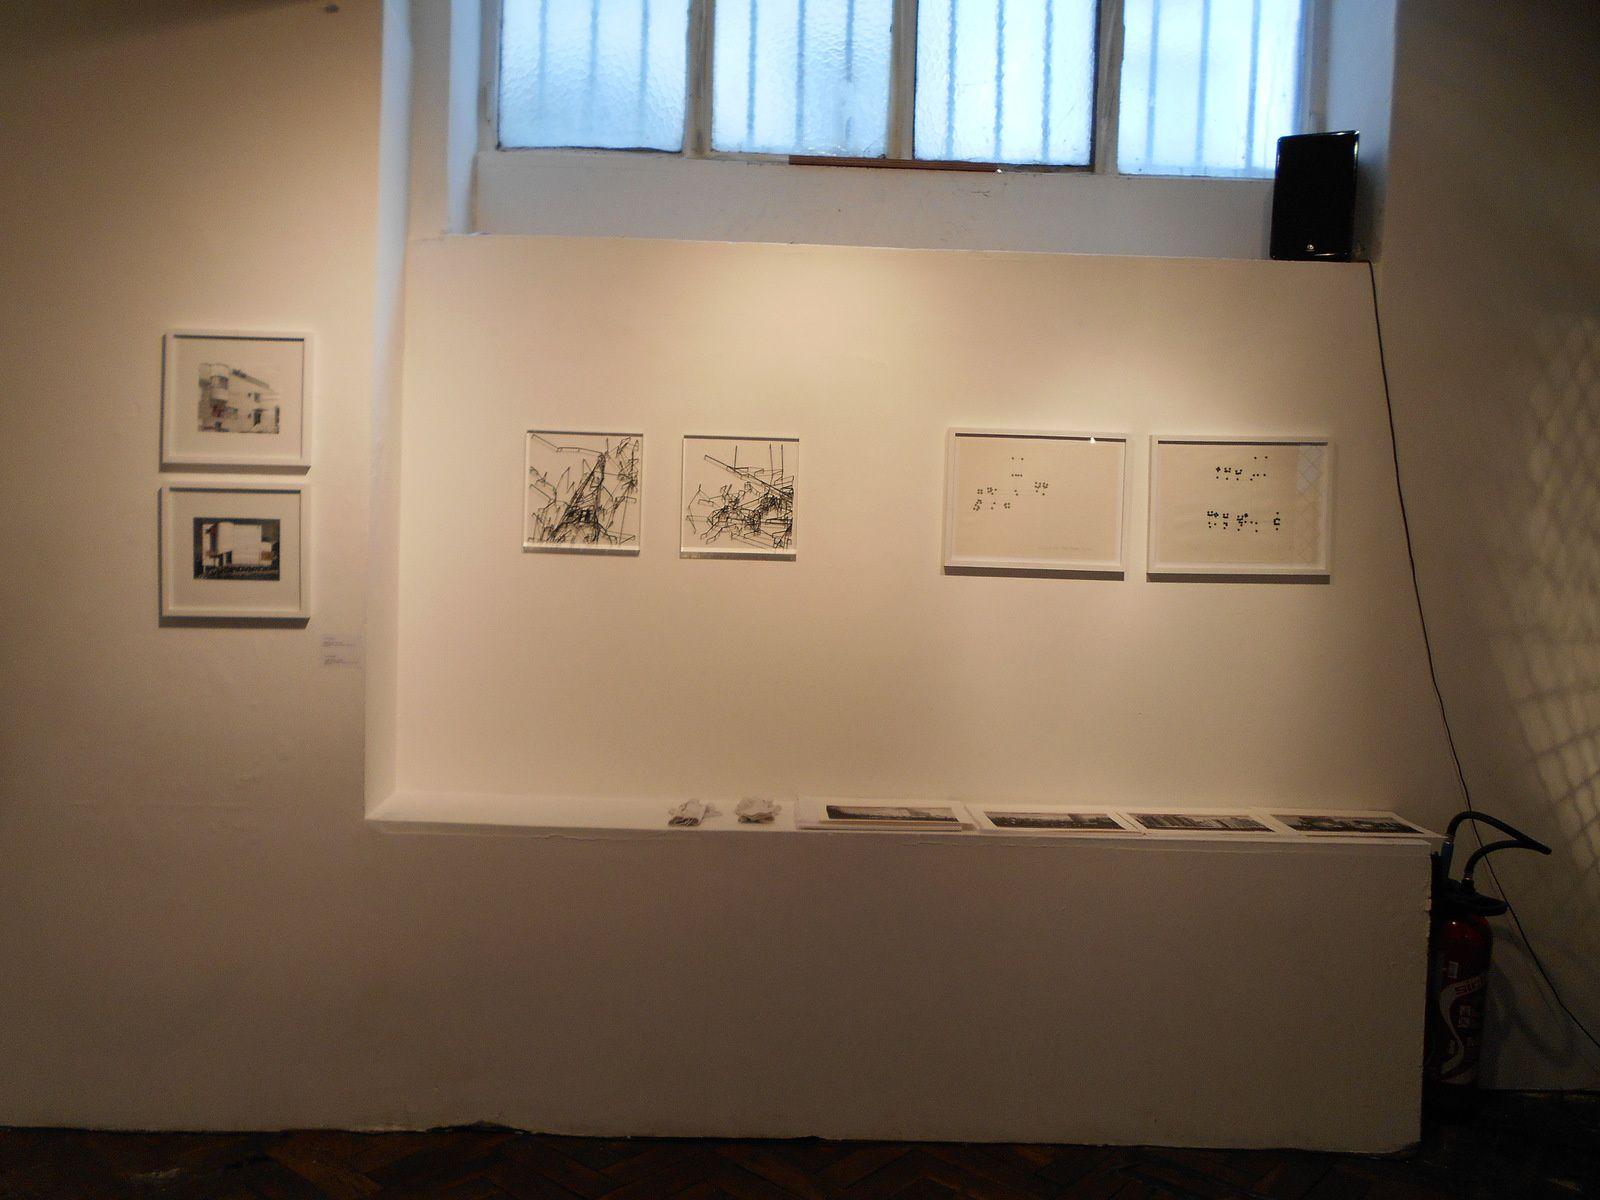 Les amazones : une exposition d'artistes femmes dans un lieu chargé d'histoire